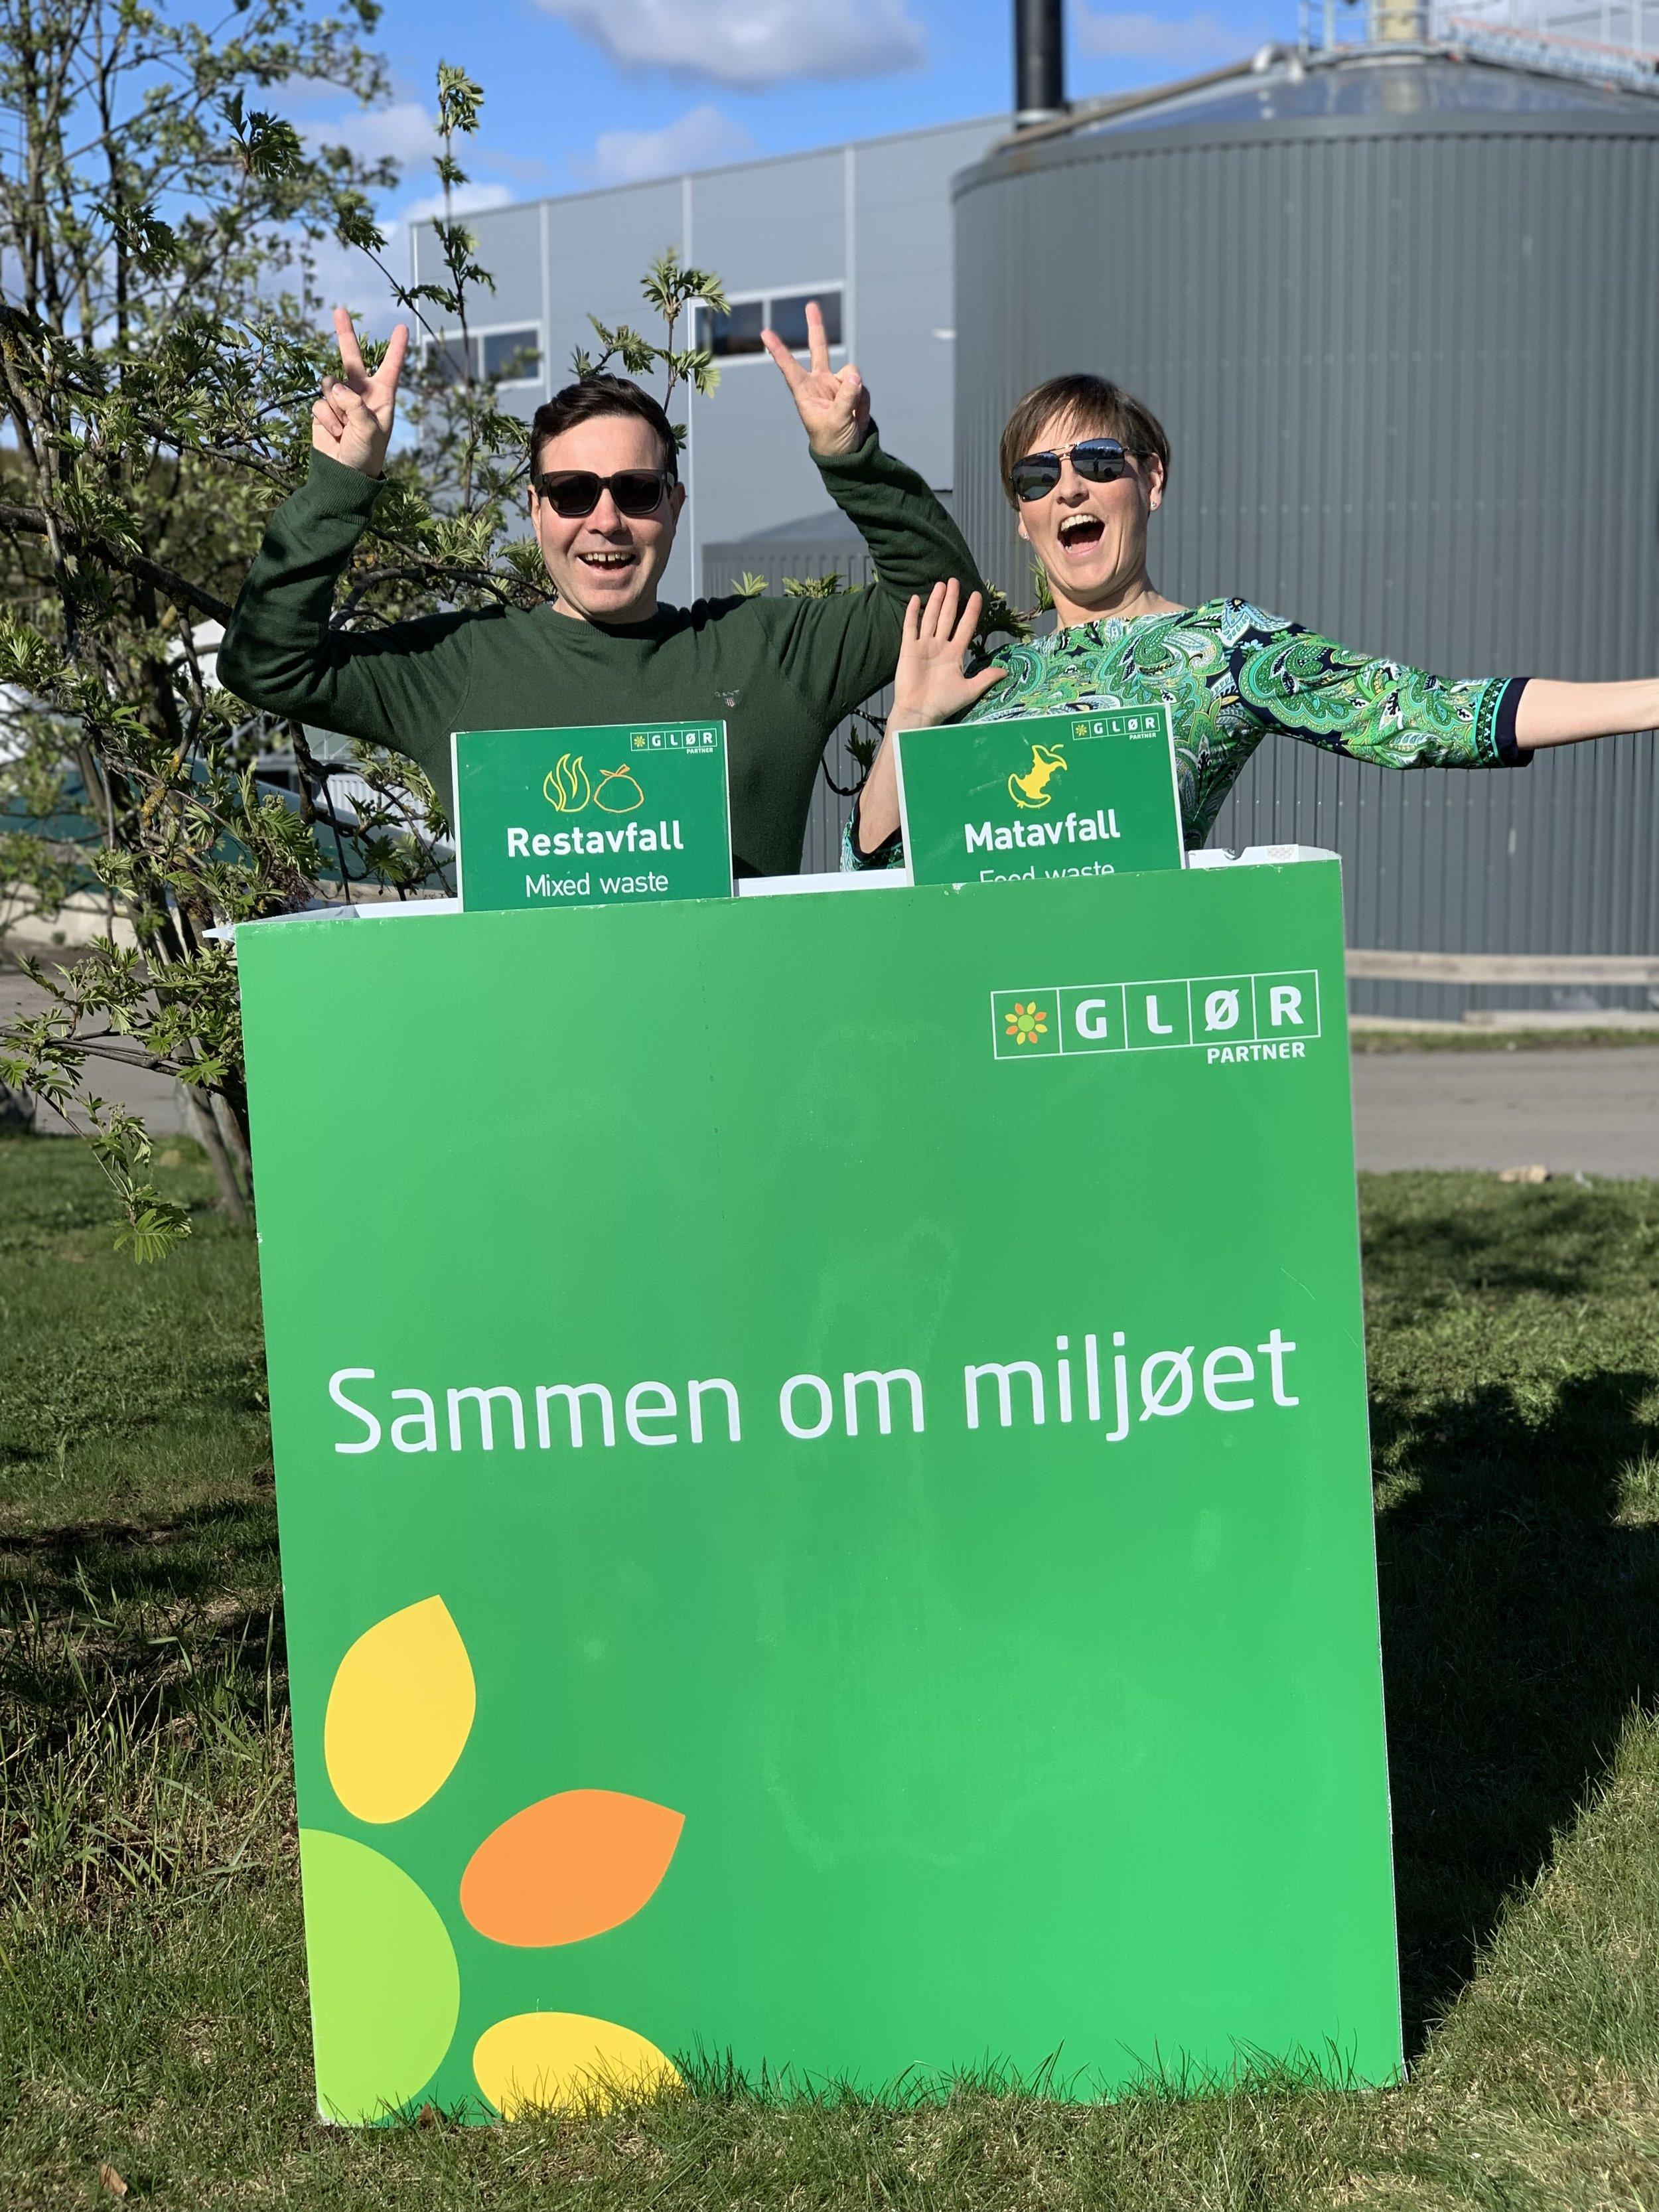 GLØR_Partner_DL_Marianne_Gunnerud2.jpg